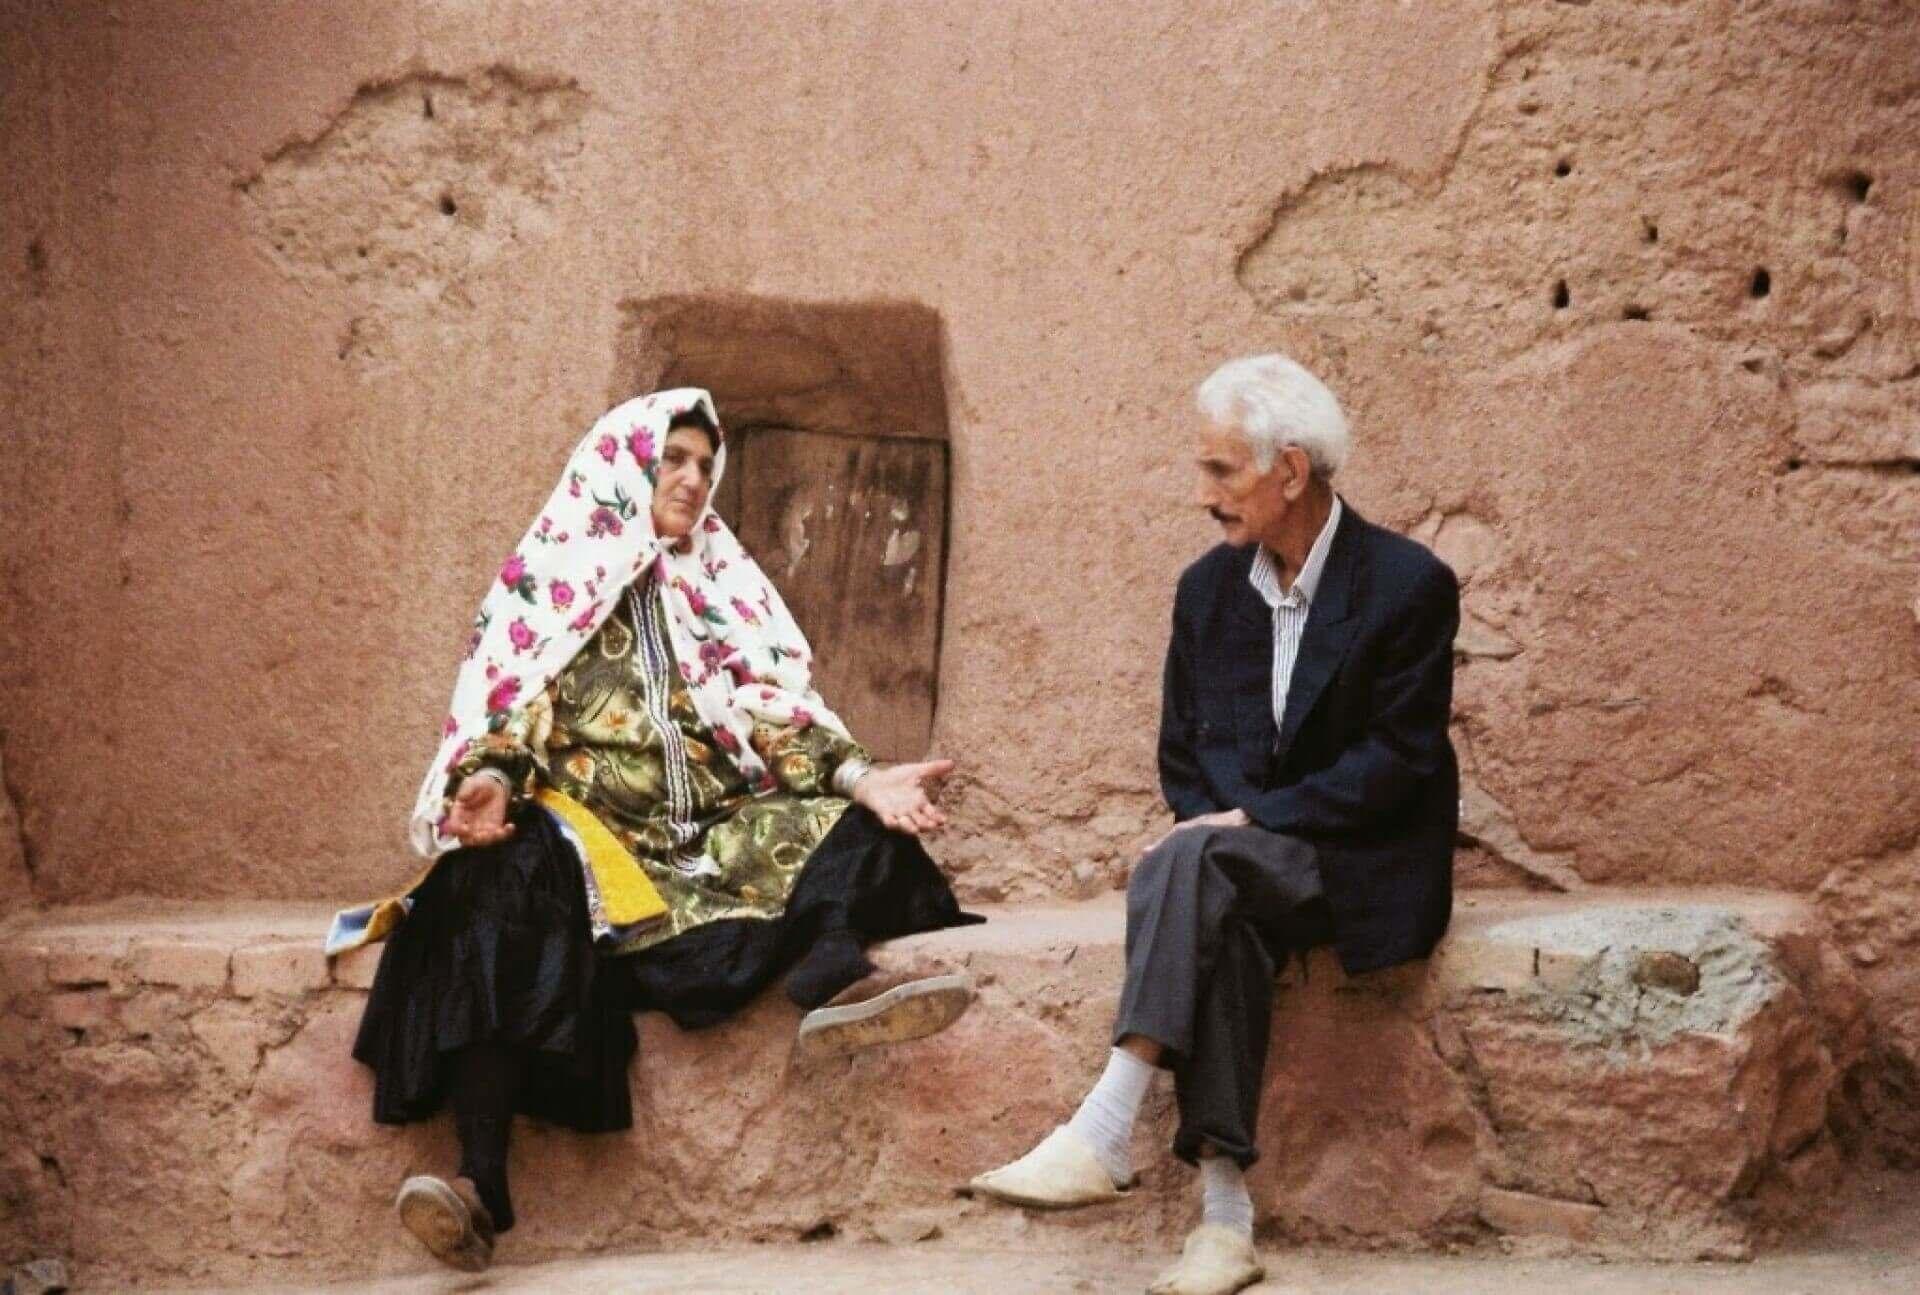 چگونه از سالمندی افراد جلوگیری کنیم